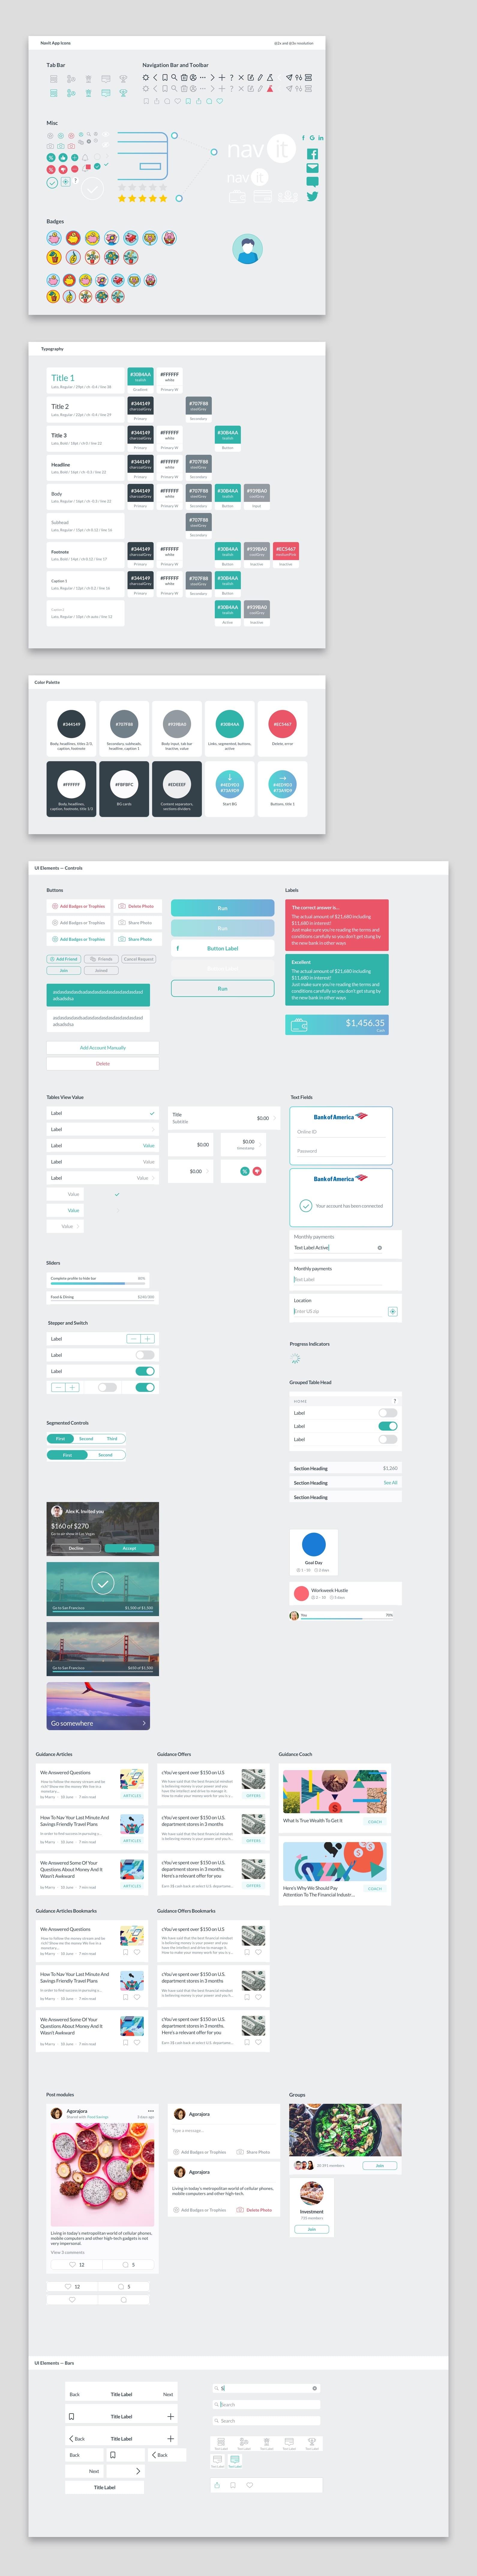 navit-components/i/screens